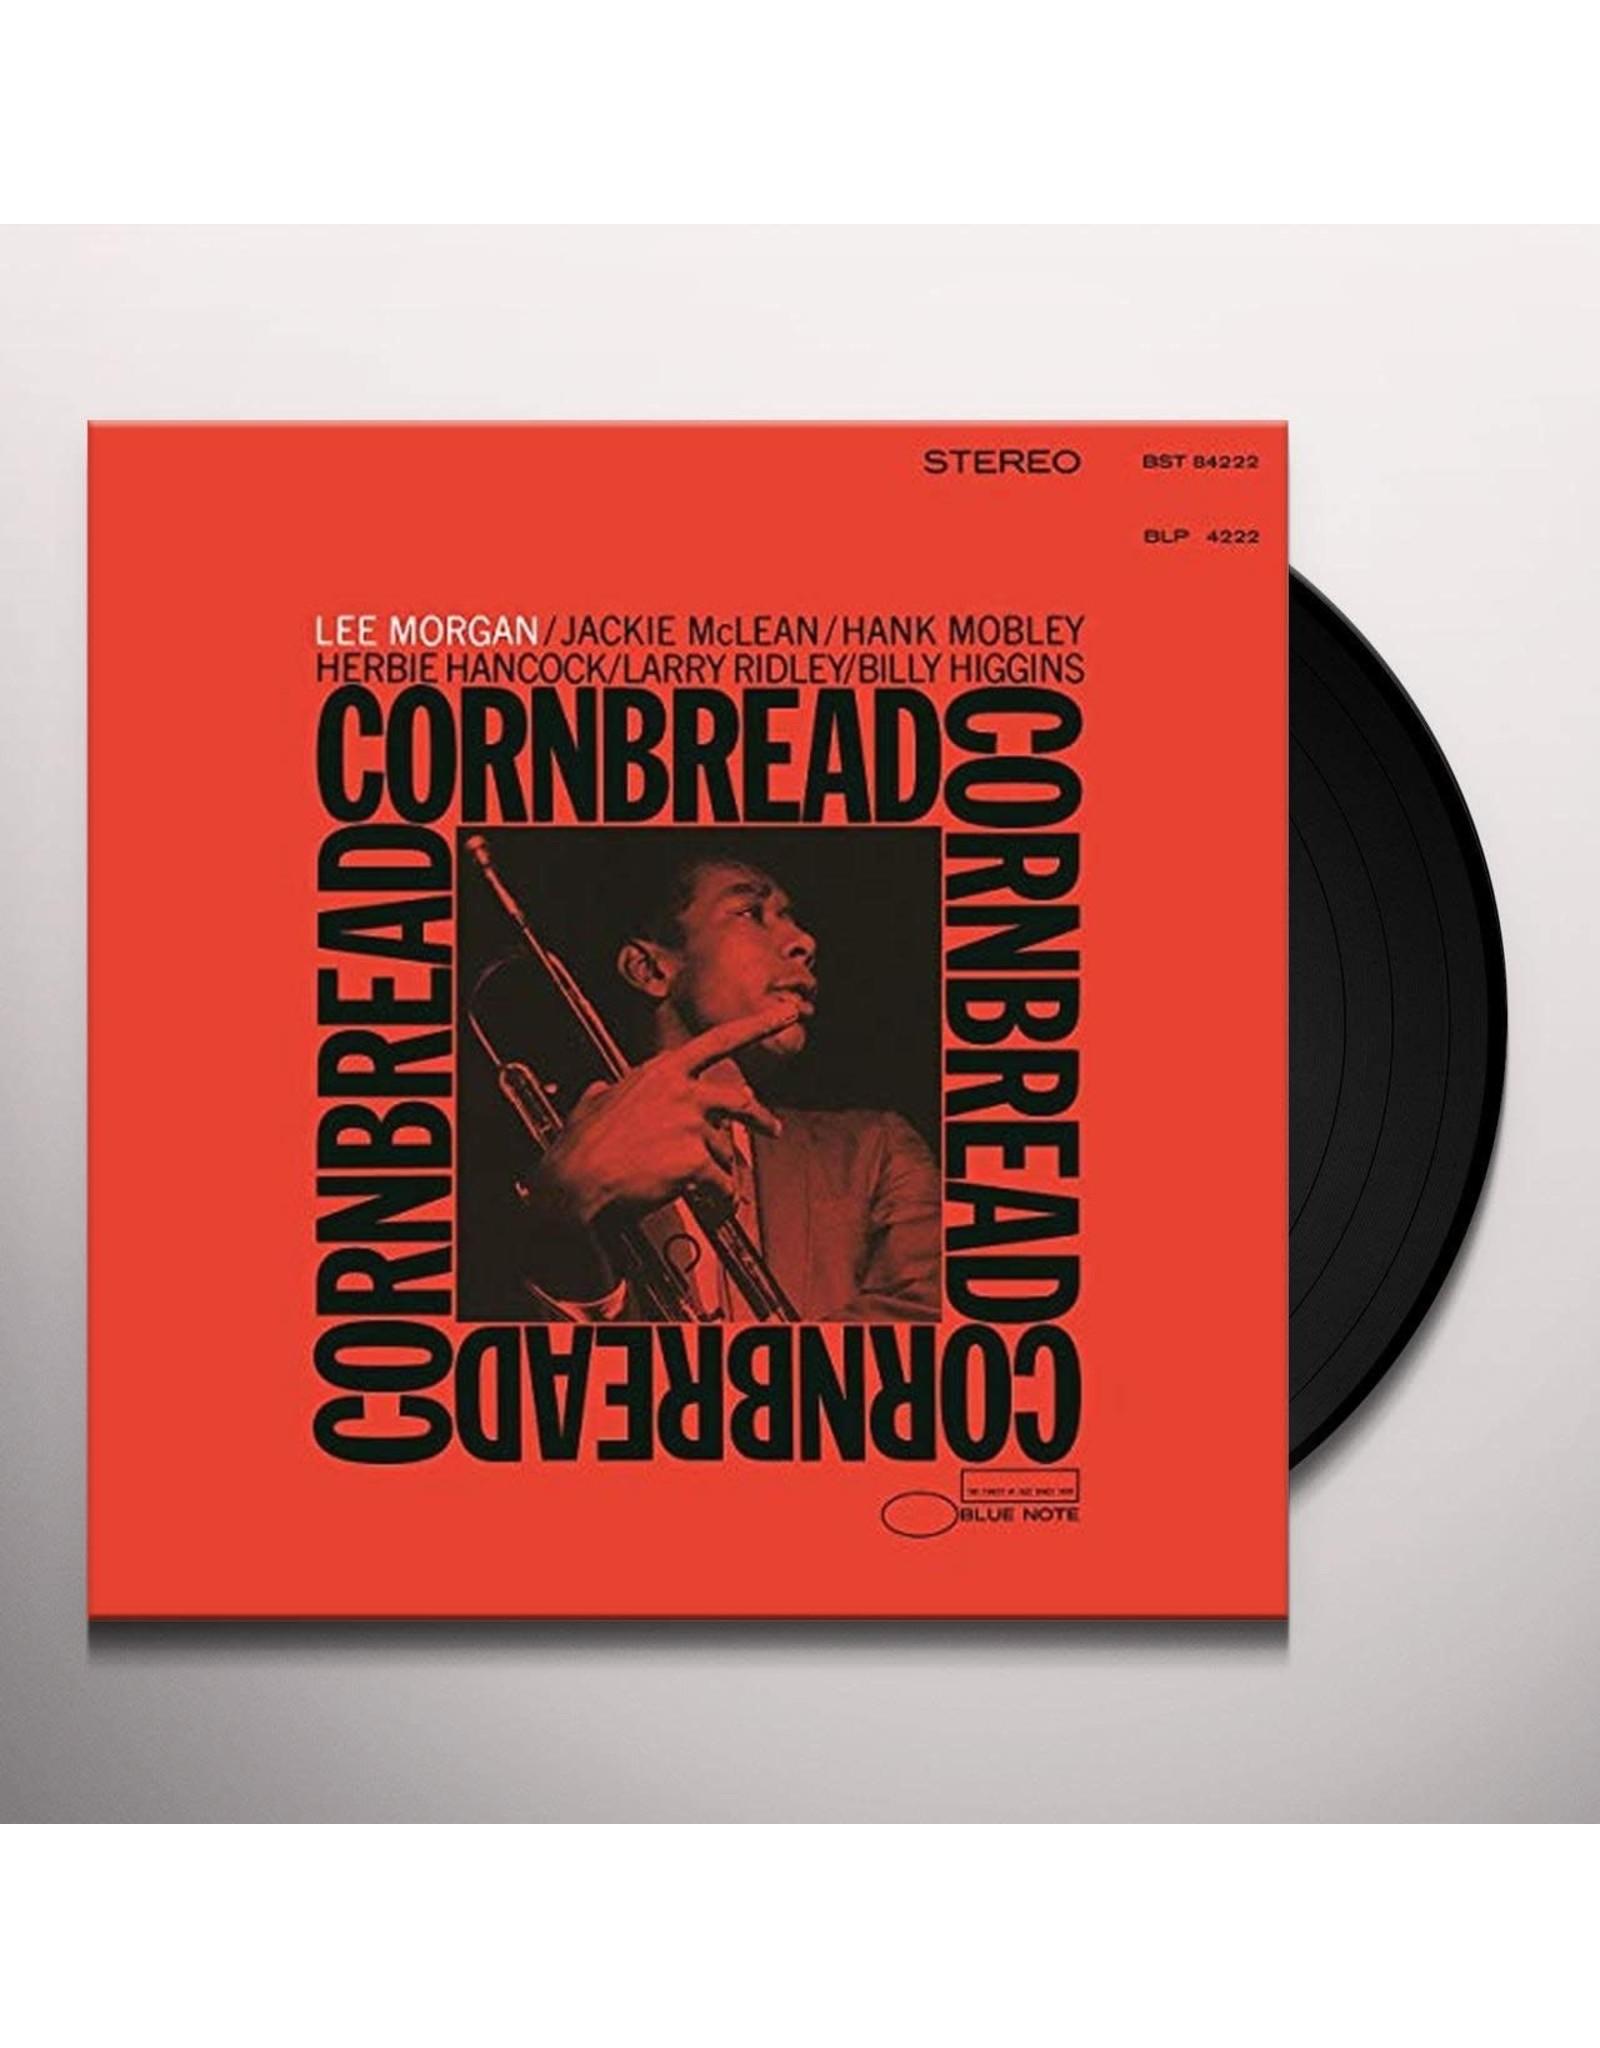 Morgan, Lee - Cornbread LP